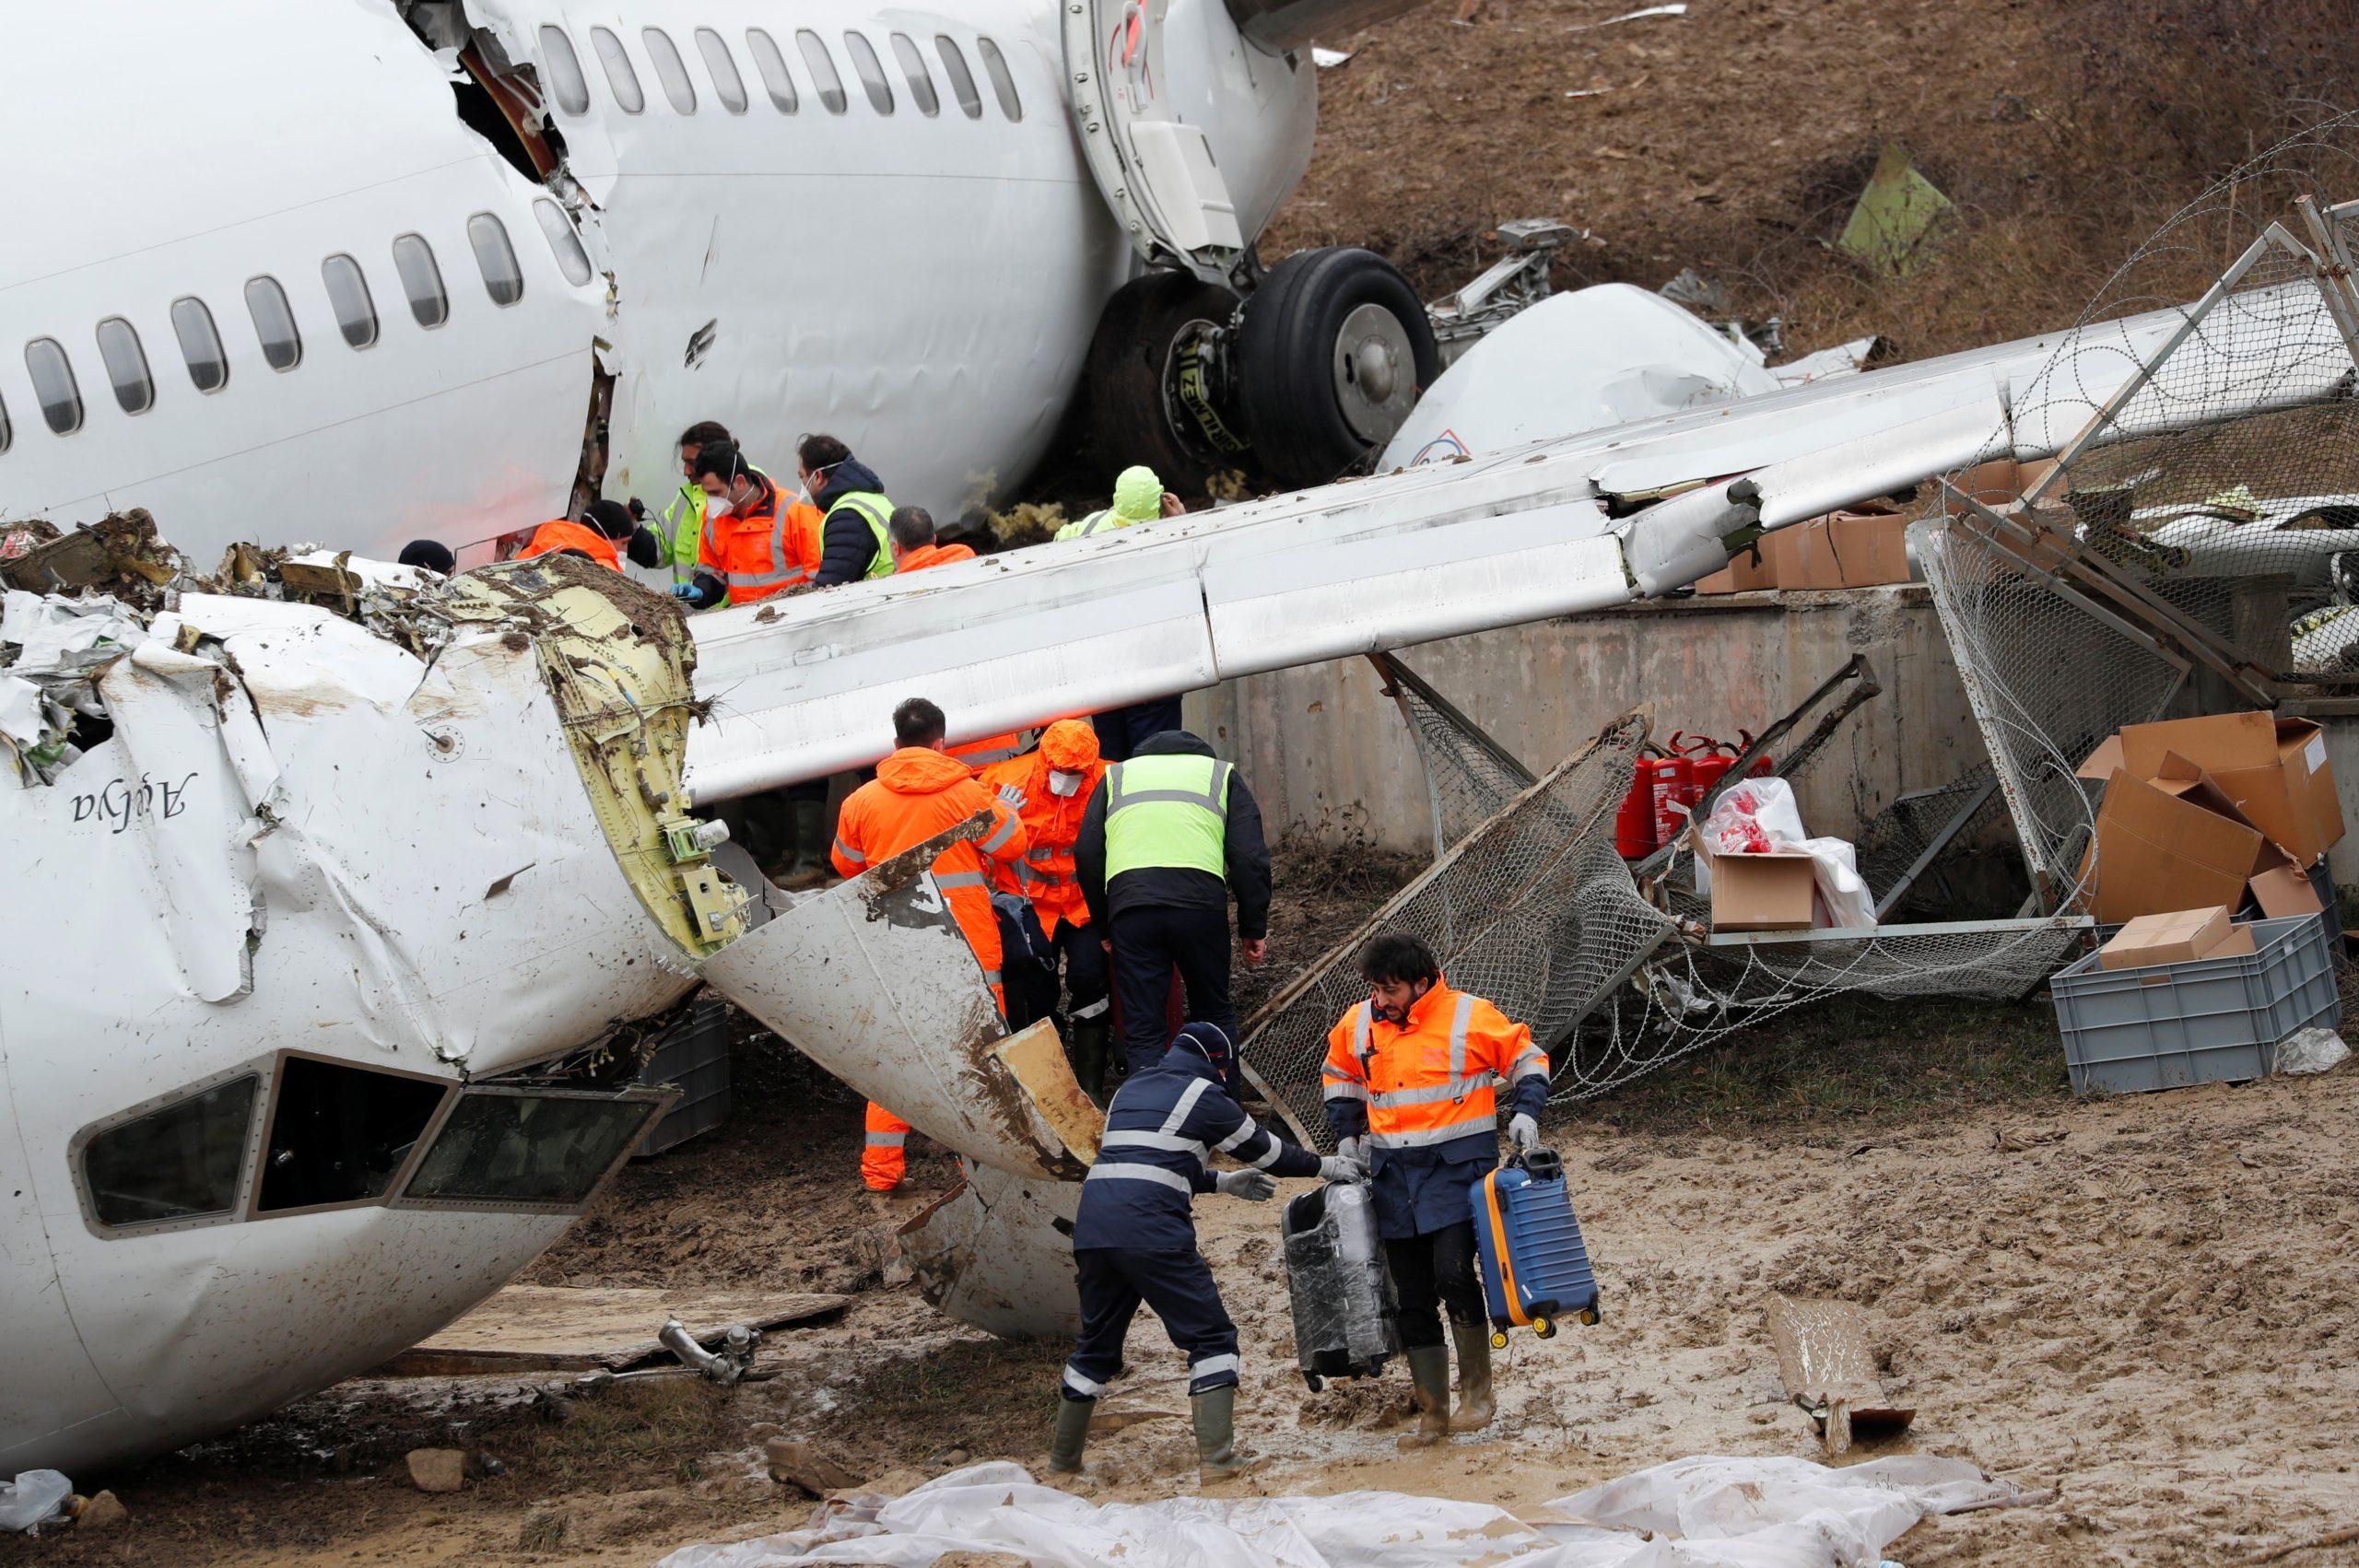 """Επιβάτες περιγράφουν τα δραματικά λεπτά της αεροπορικής τραγωδίας στην Κωνσταντινούπολη - """"Ο κόσμος ούρλιαζε..."""""""